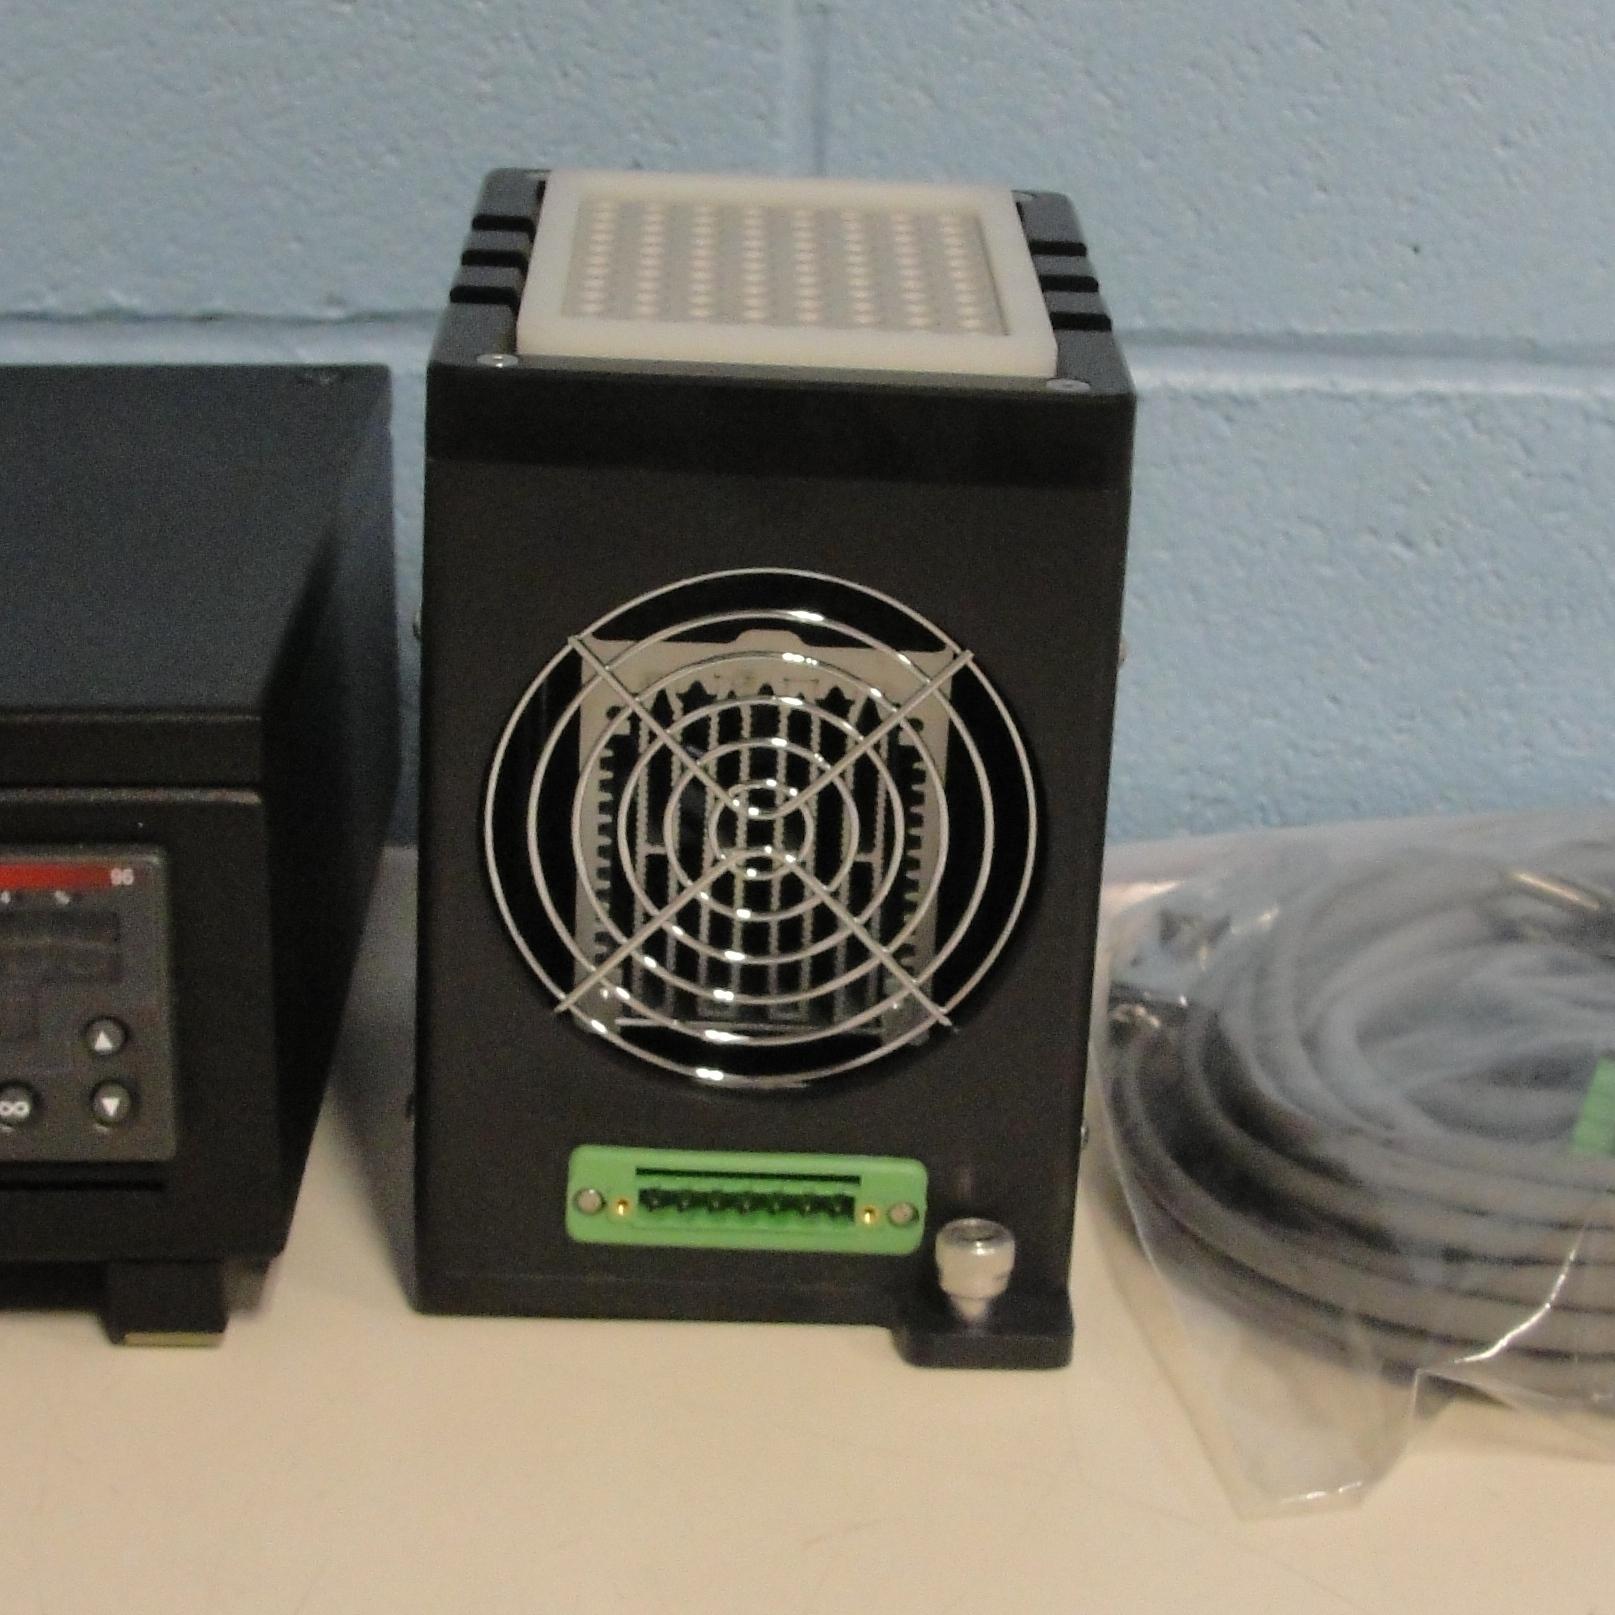 TEC Control 96 RS232 Name